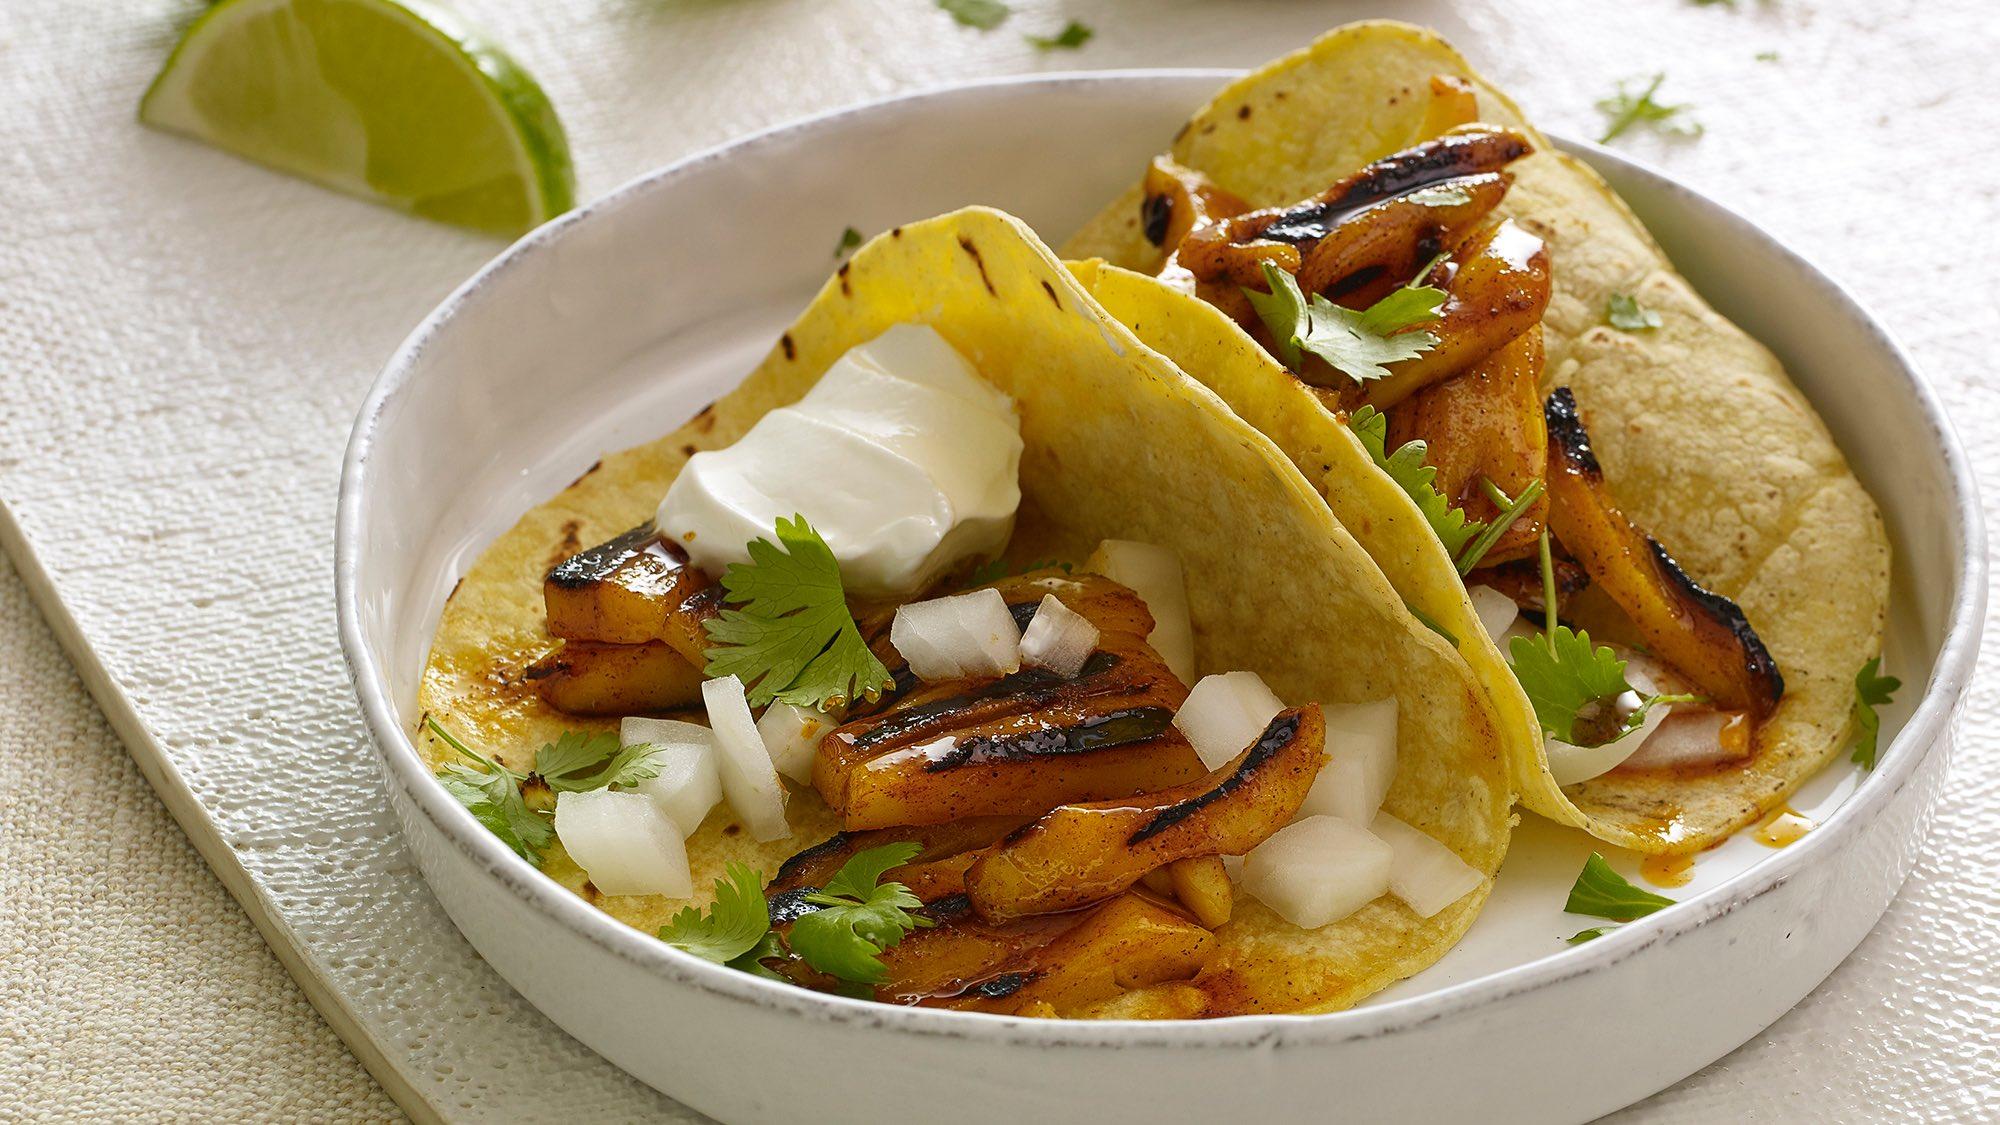 McCormick Gourmet Pulled Jackfruit Tacos